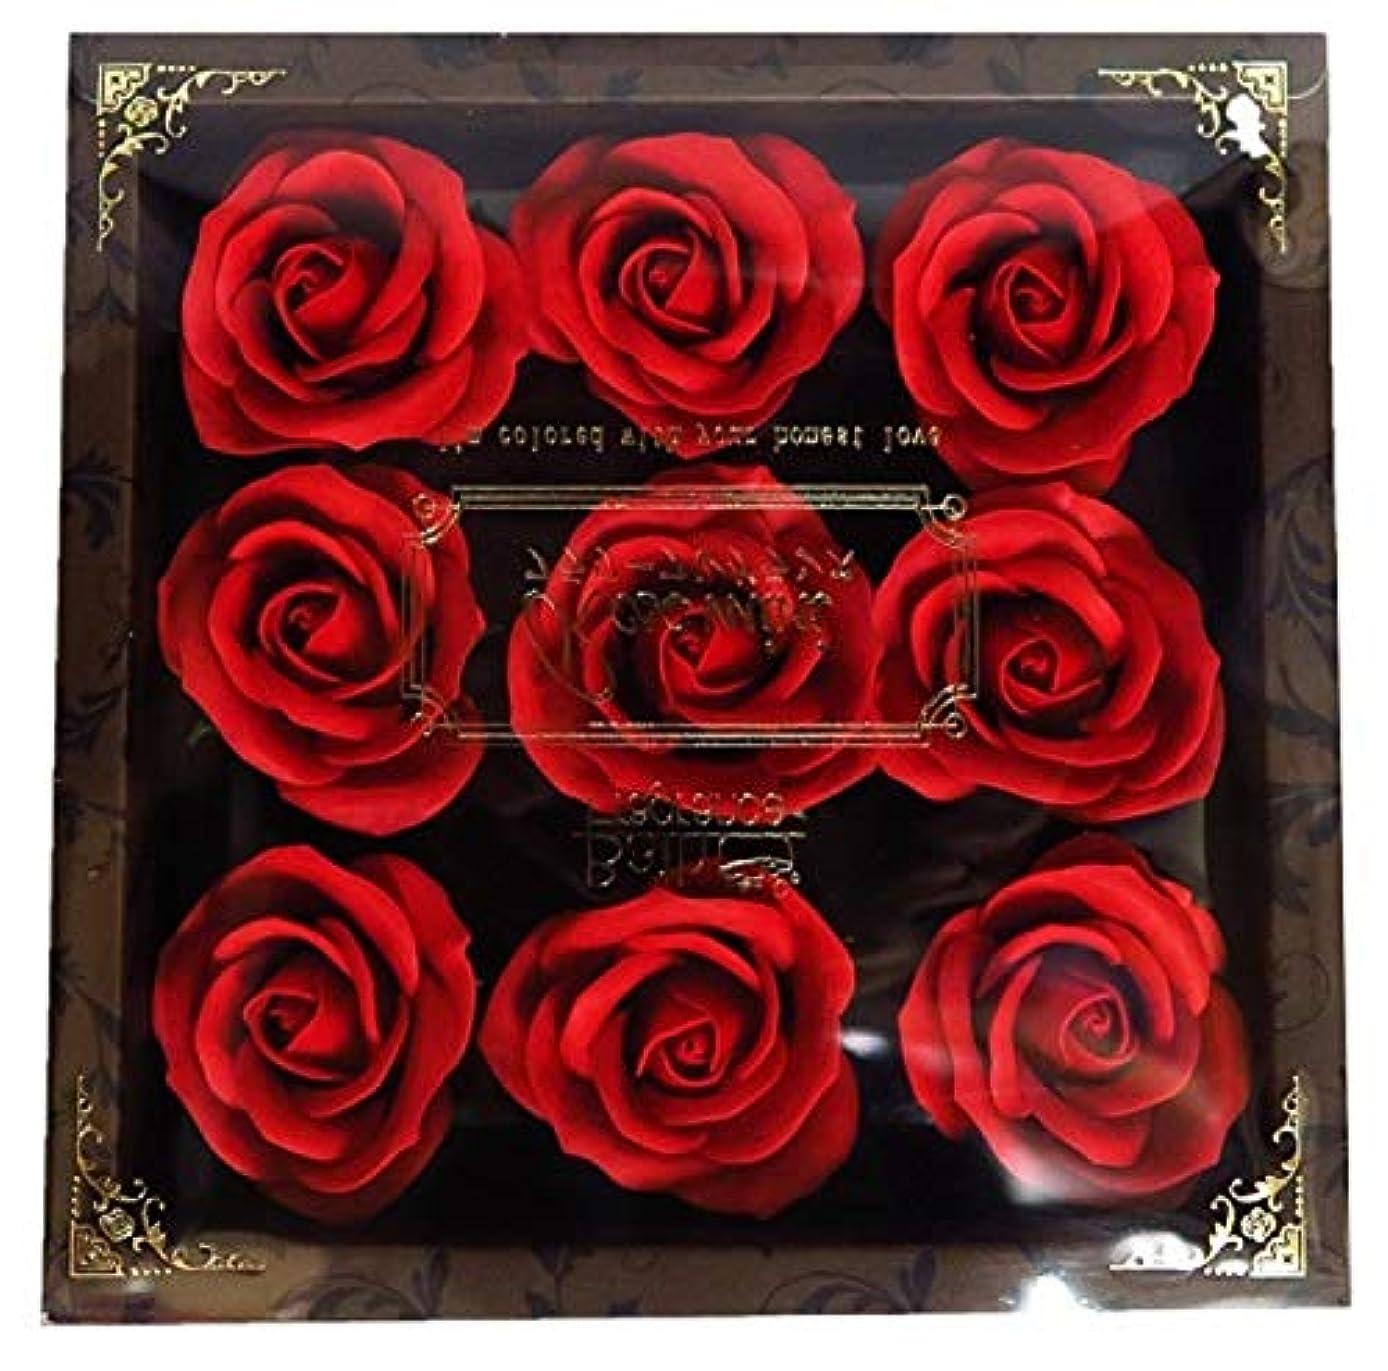 冷ややかなソフトウェア勝利したバスフレグランス フラワーフレグランス ミニローズフレグランス(L)レッド ギフト お花の形の入浴剤 プレゼント ばら